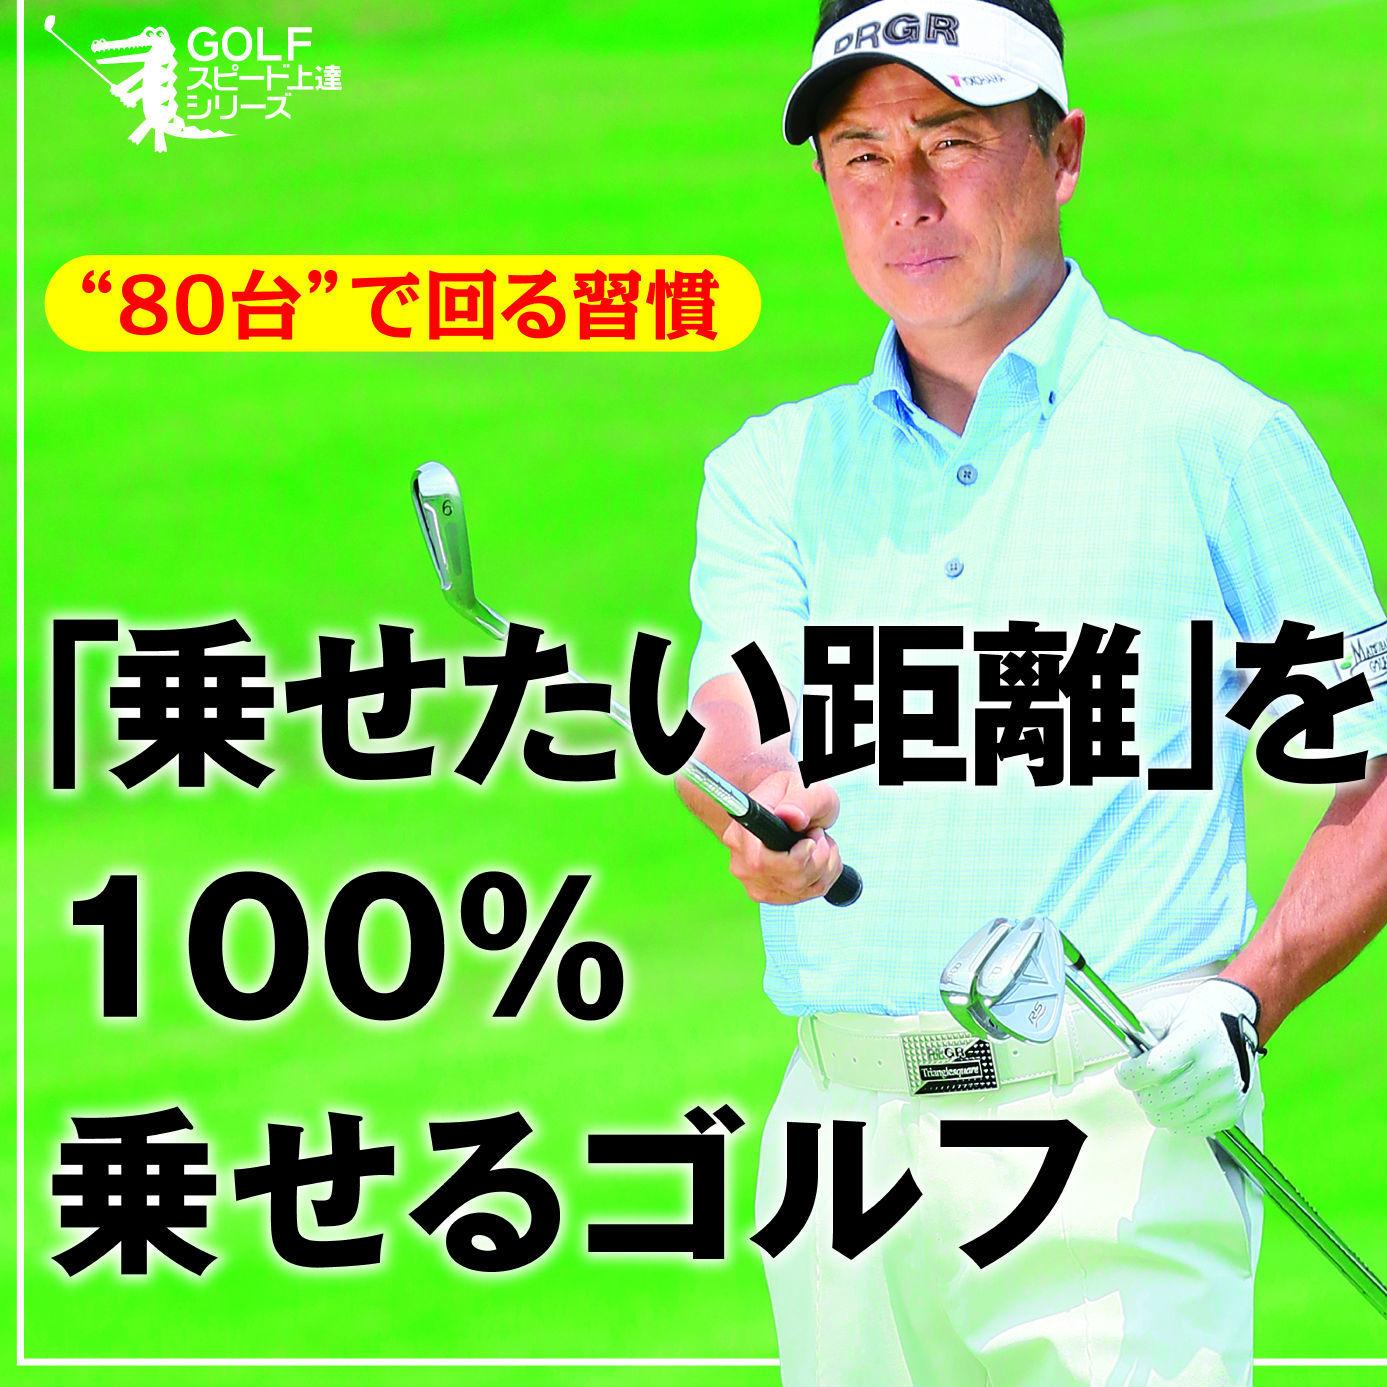 アベレージゴルファーが「80台」で回るためには?